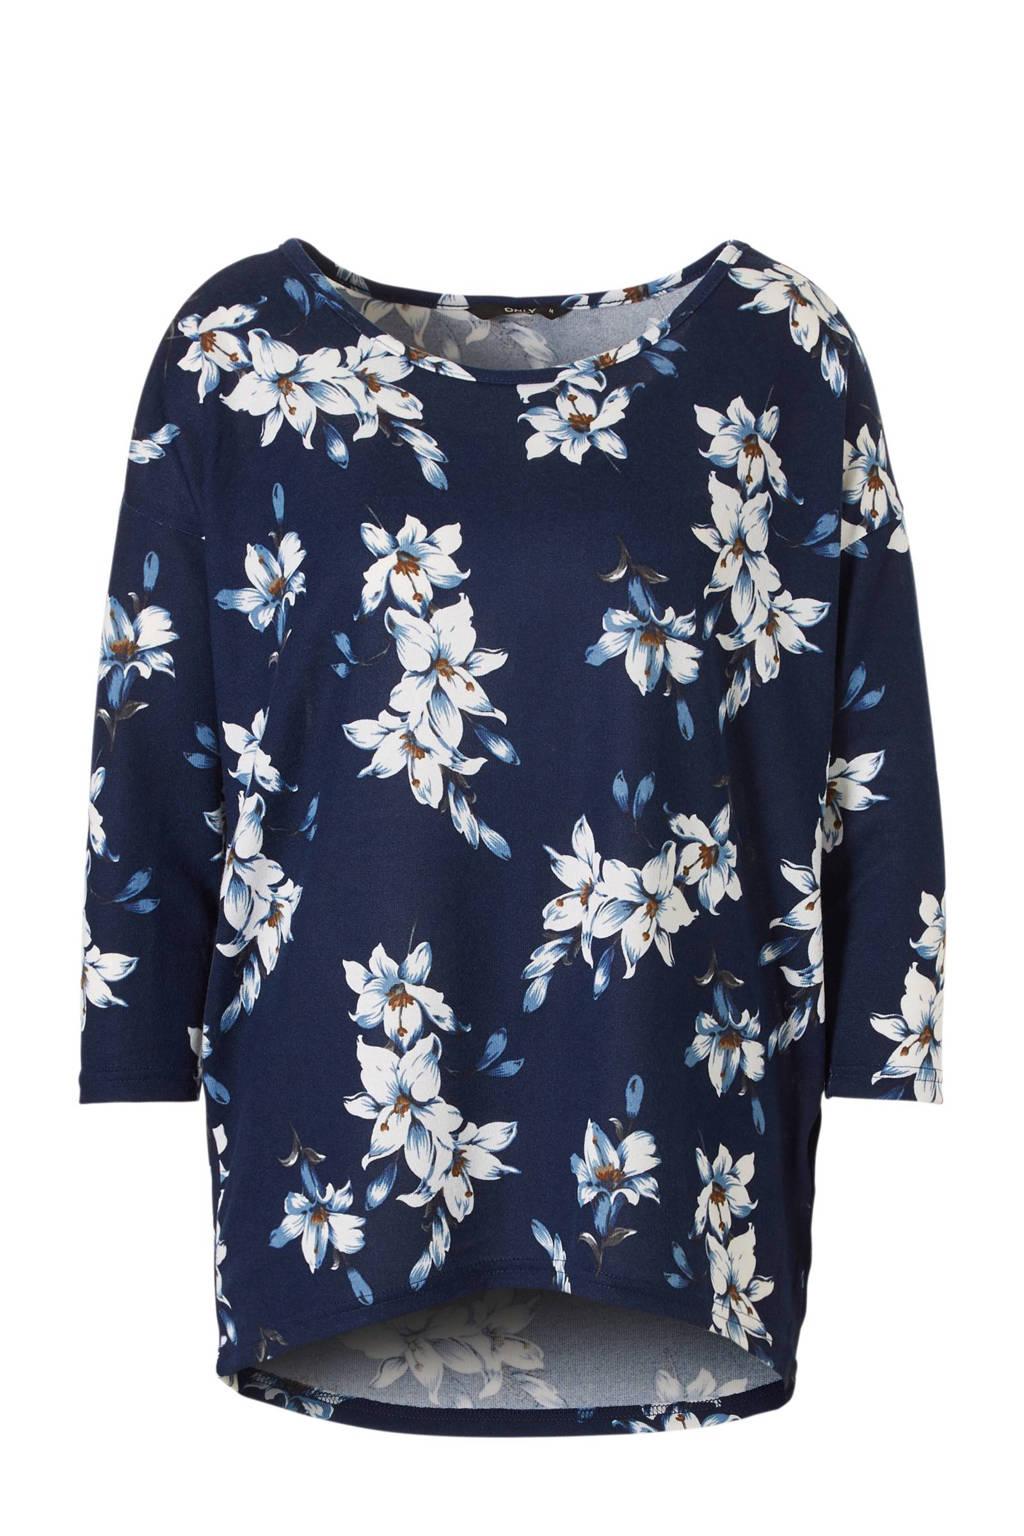 ONLY bloemen top, Blauw/wit